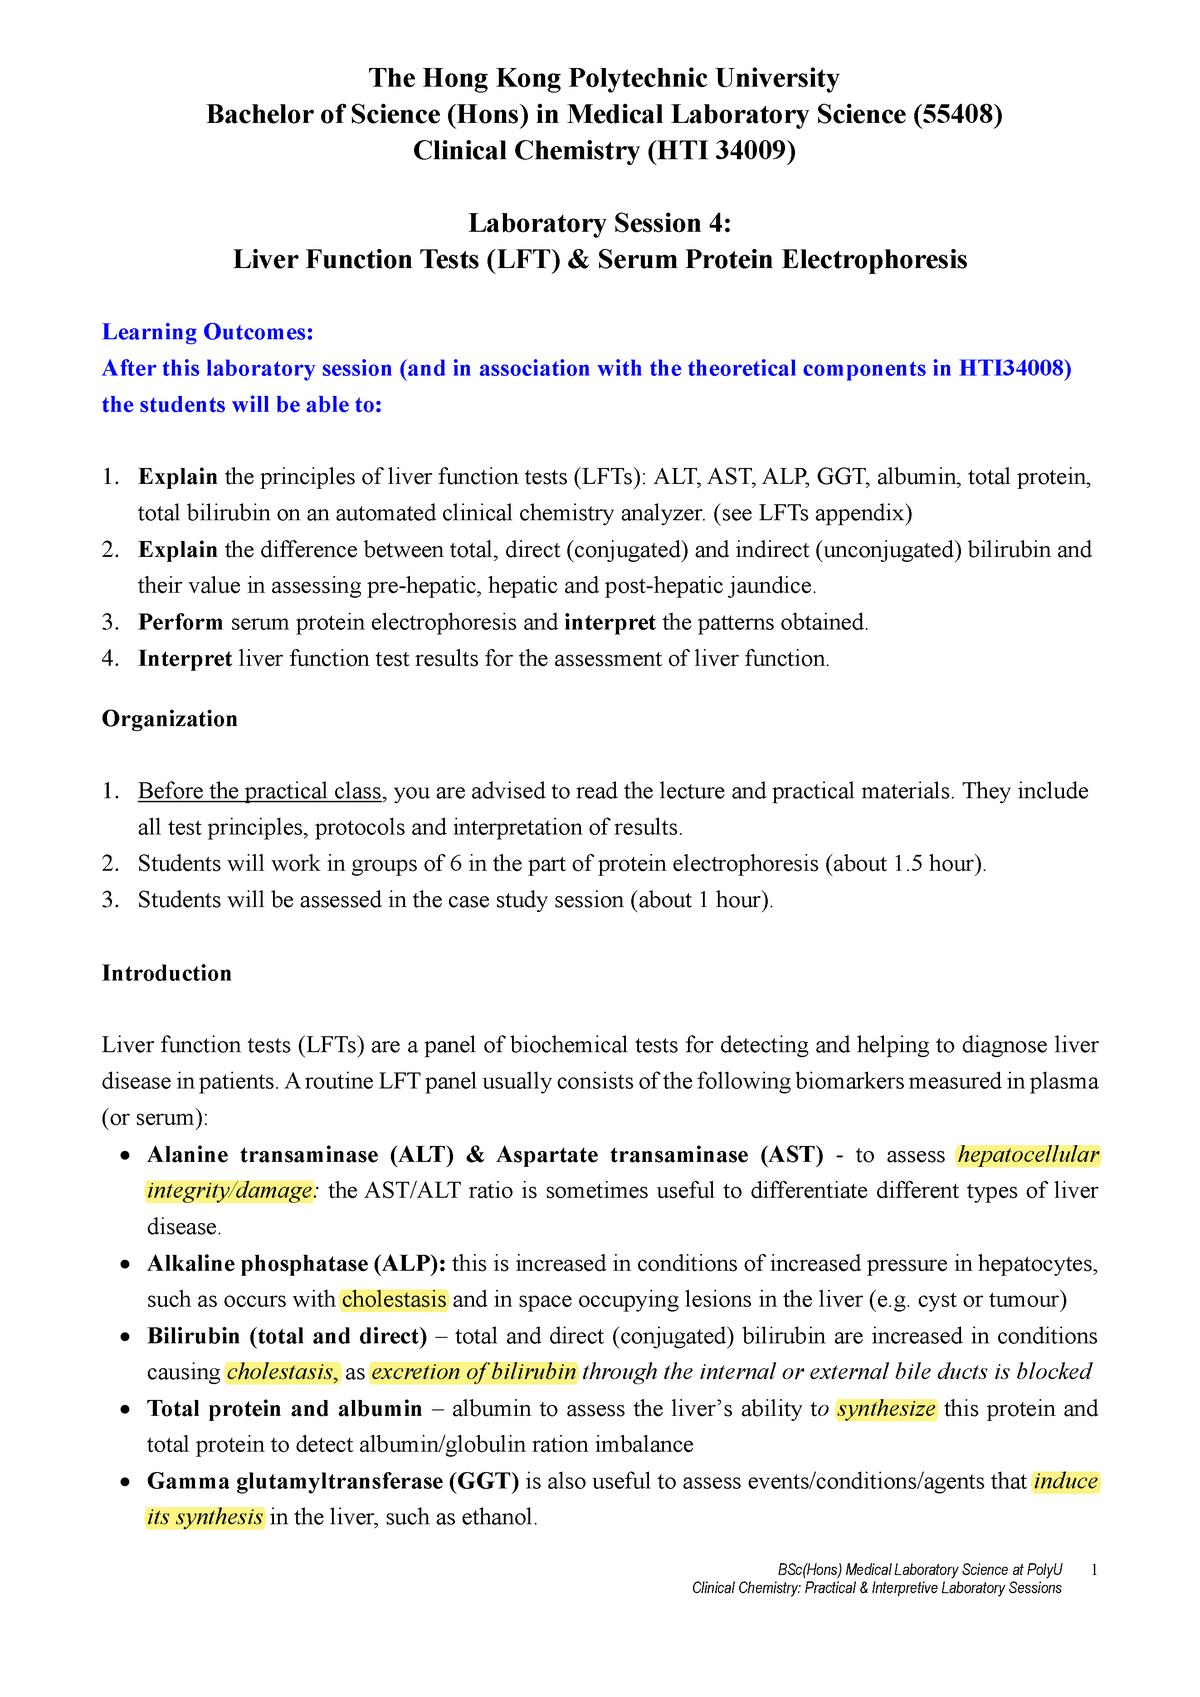 Practical 4 Guide - HTI34009 - PolyU - StuDocu